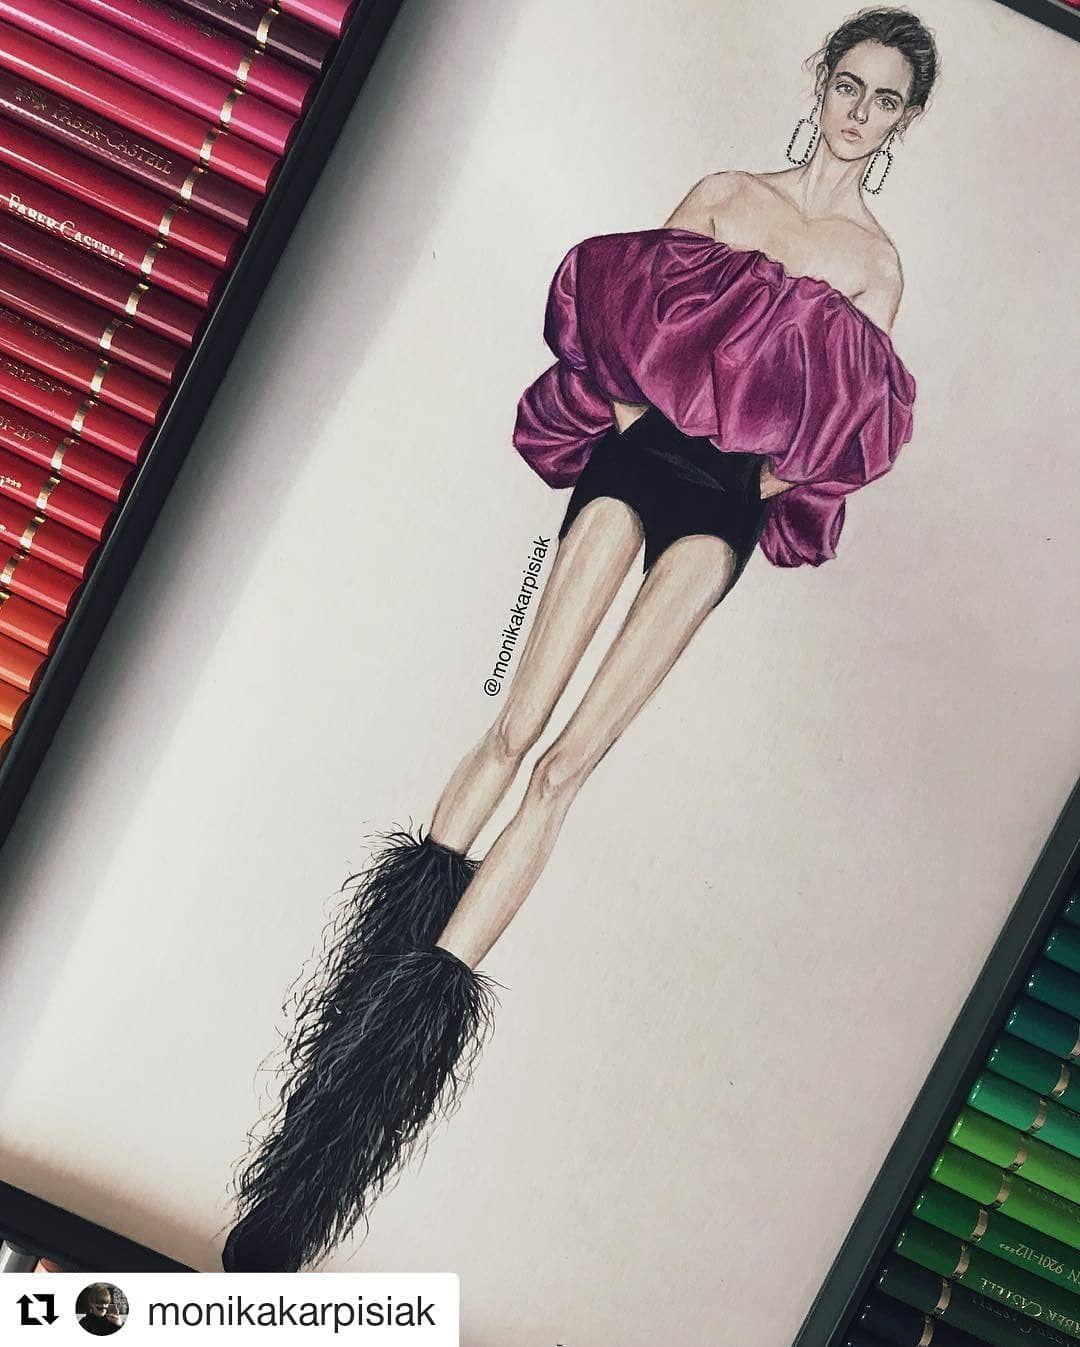 3  March 2016 on Instagram Repost monikakarpisiak getrepost  draw